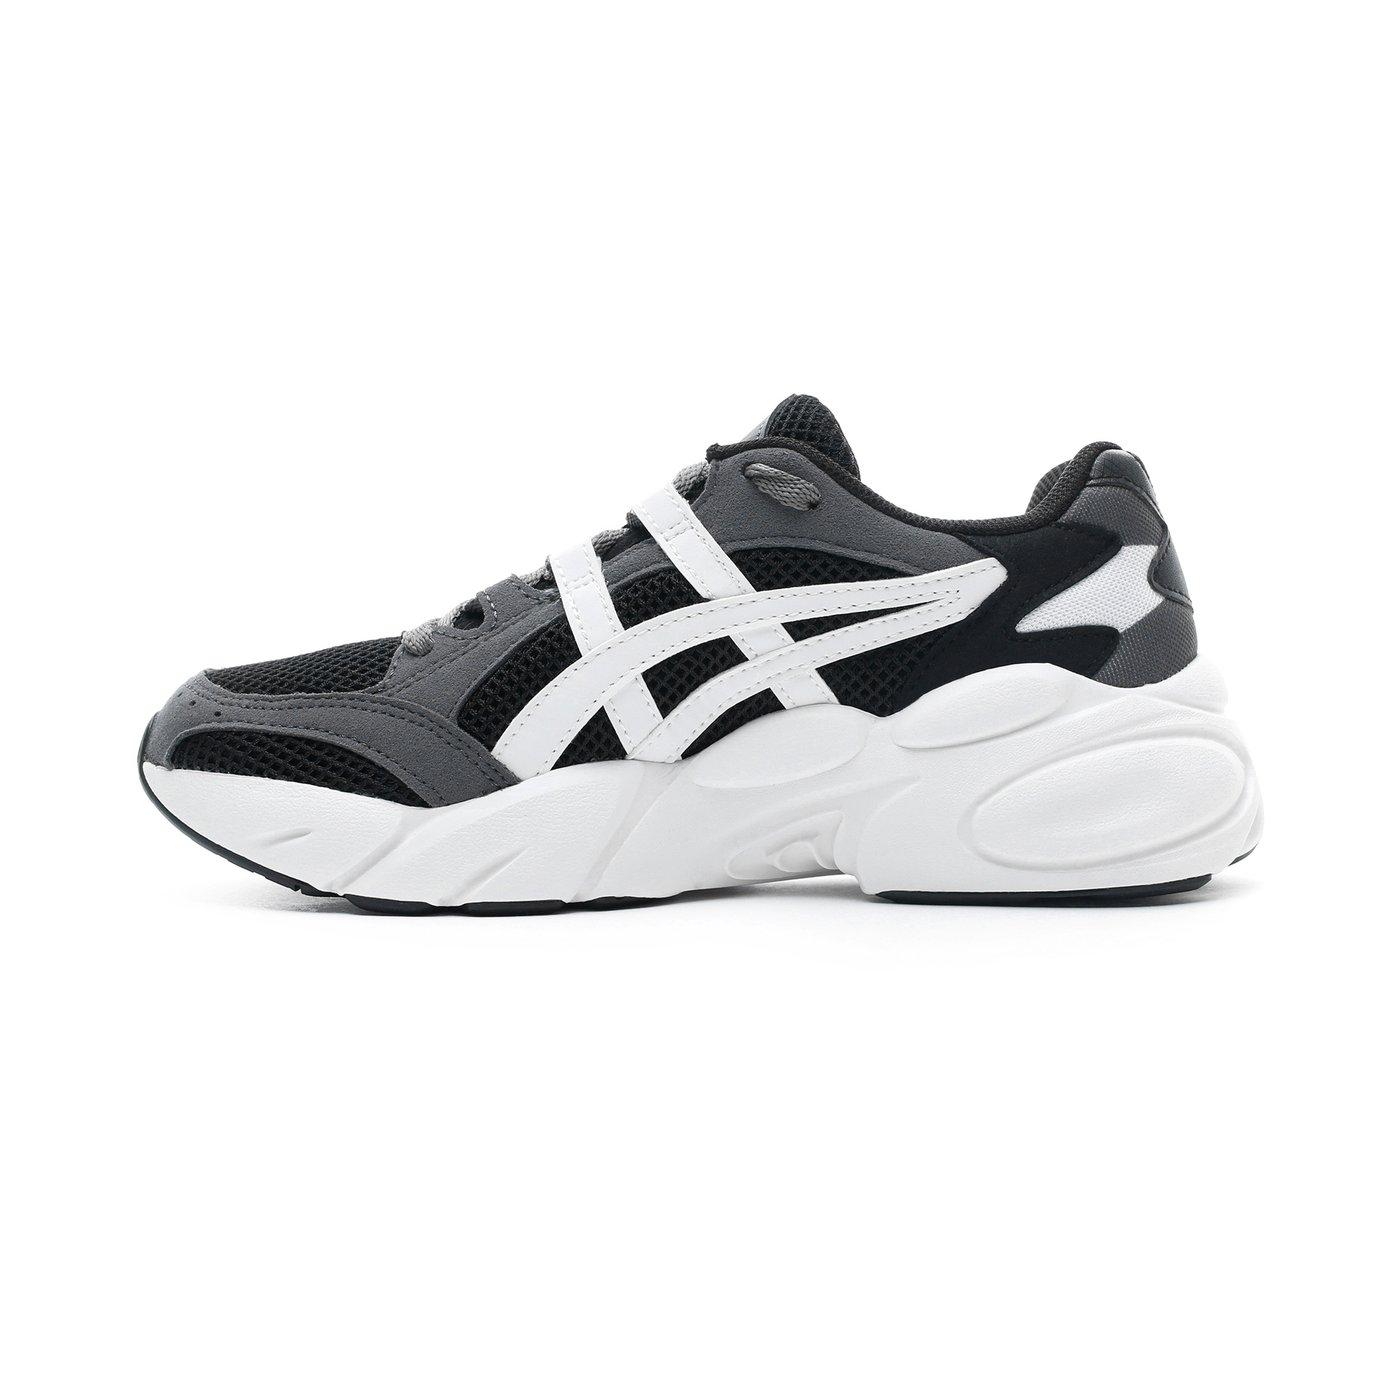 Asics Gel-BND Siyah - Gri Unisex Spor Ayakkabı